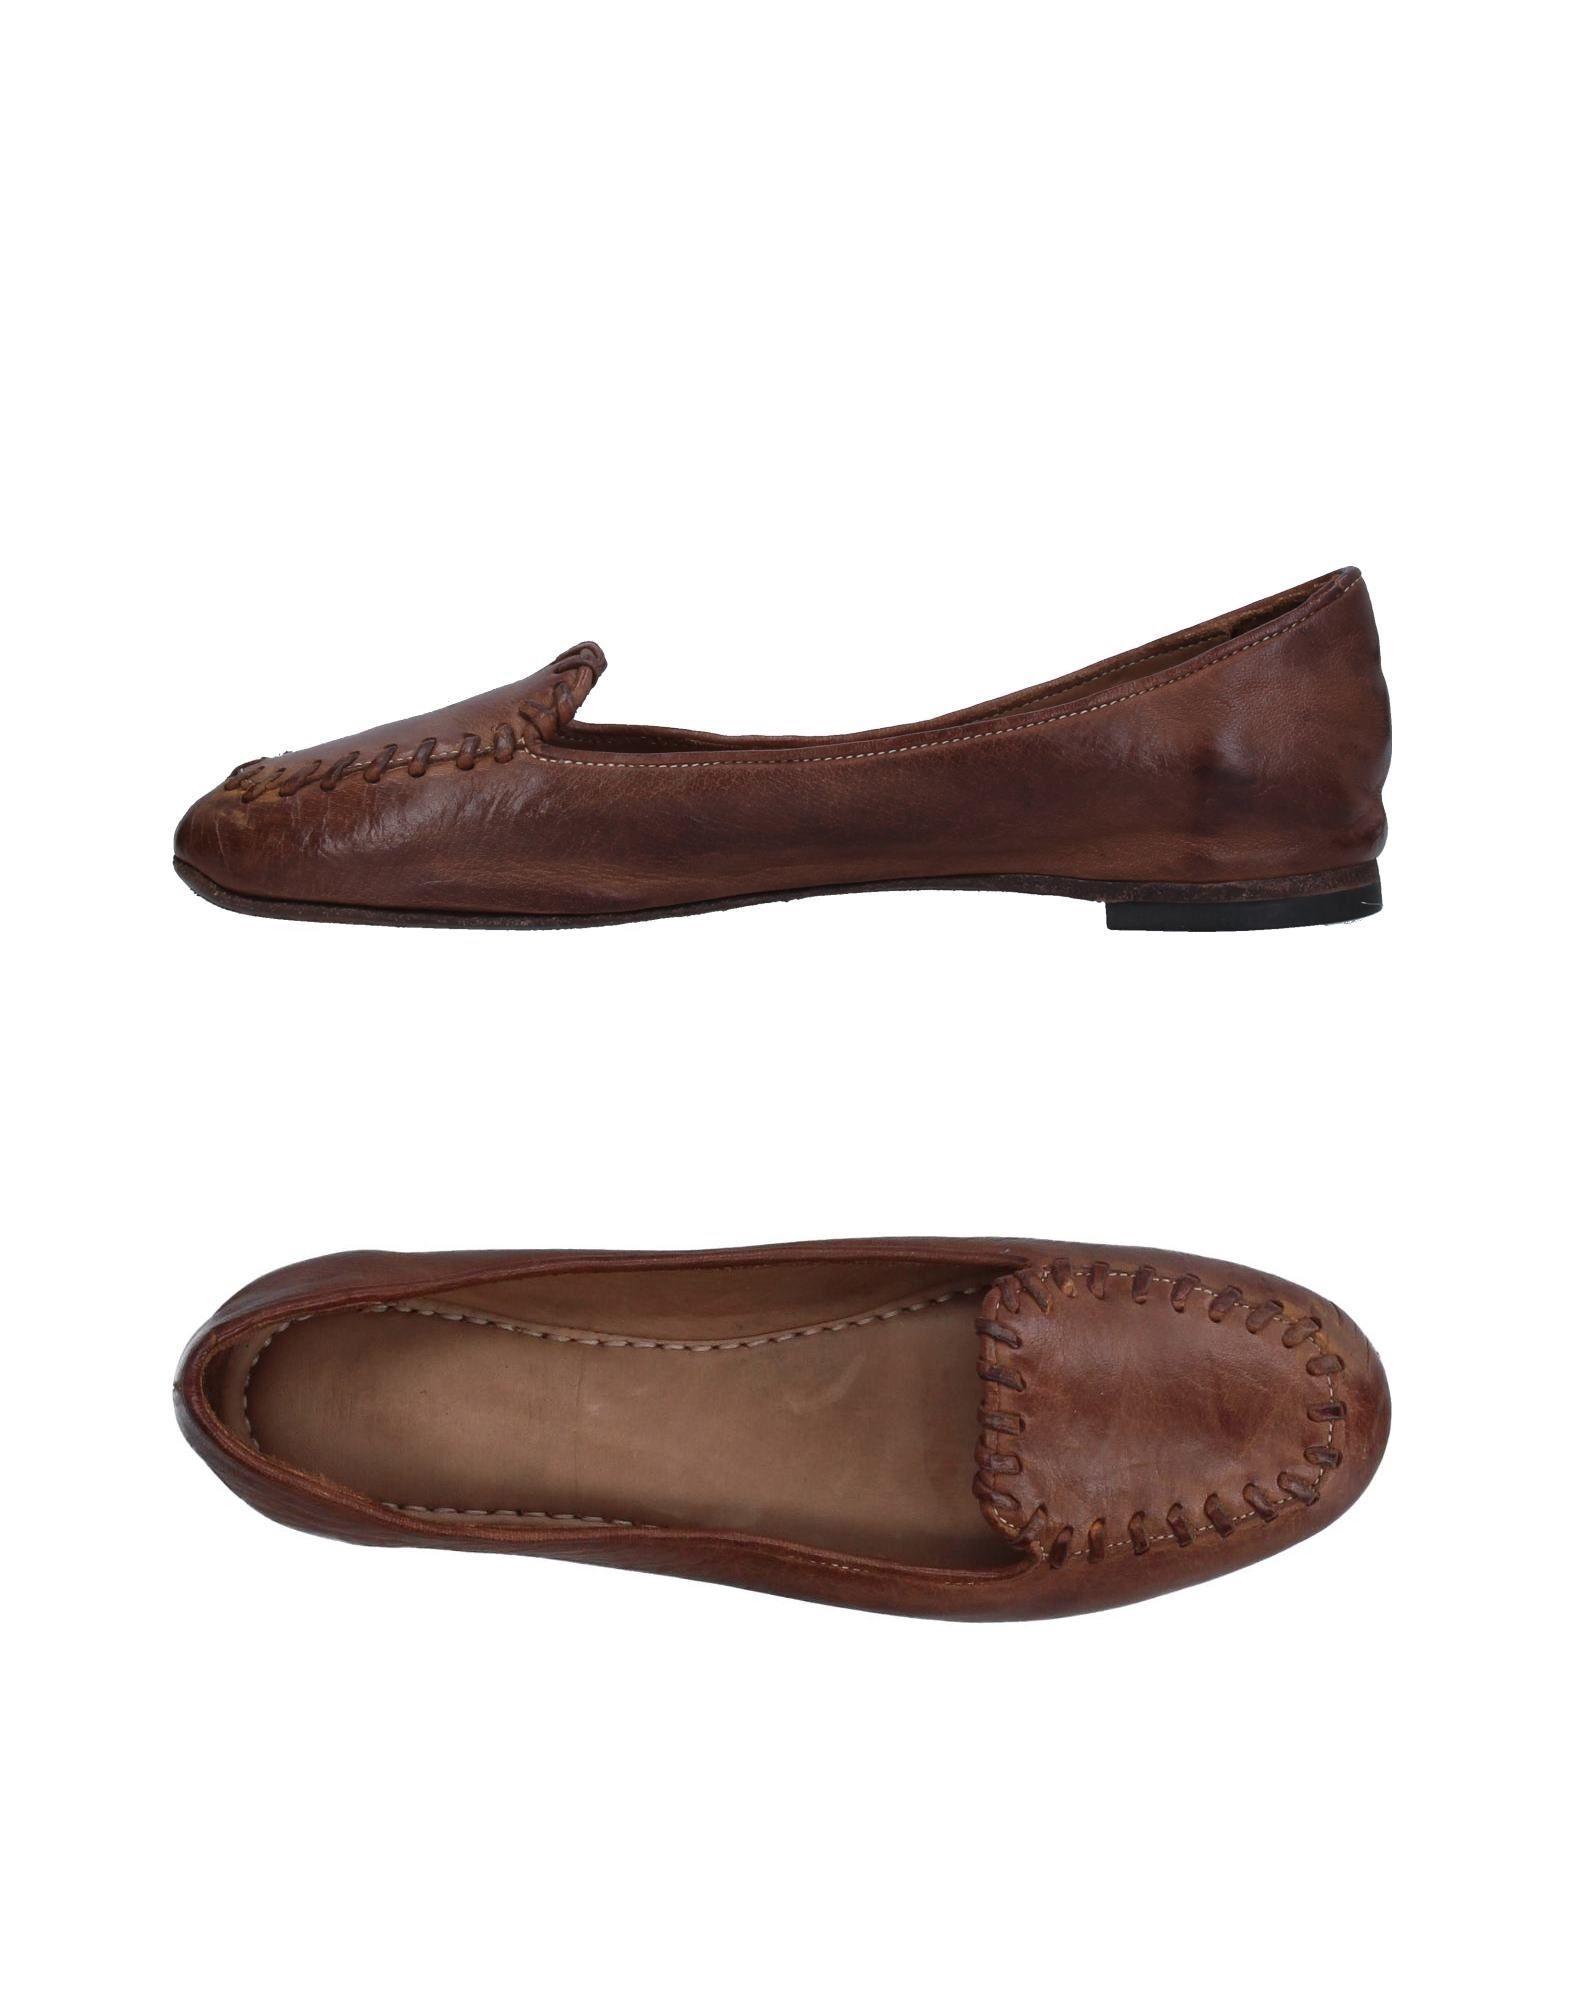 Pantofola D'oro Mokassins Damen  11339562RC Gute Qualität beliebte Schuhe